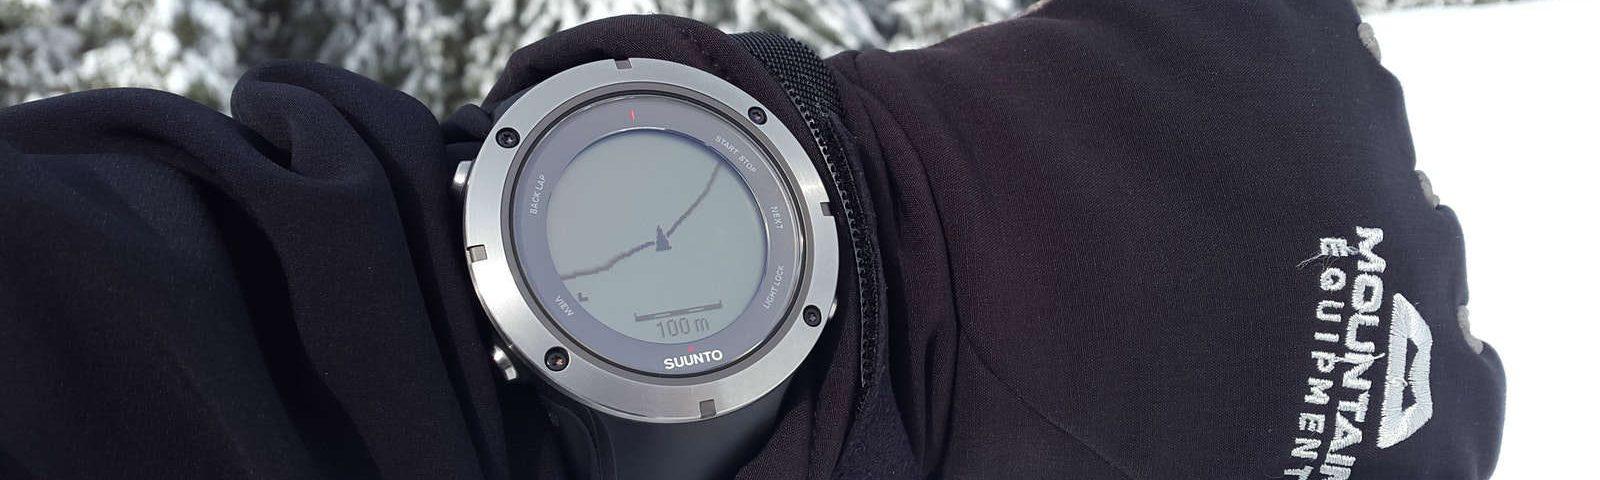 GPS za planinare, slika: https://www.pexels.com